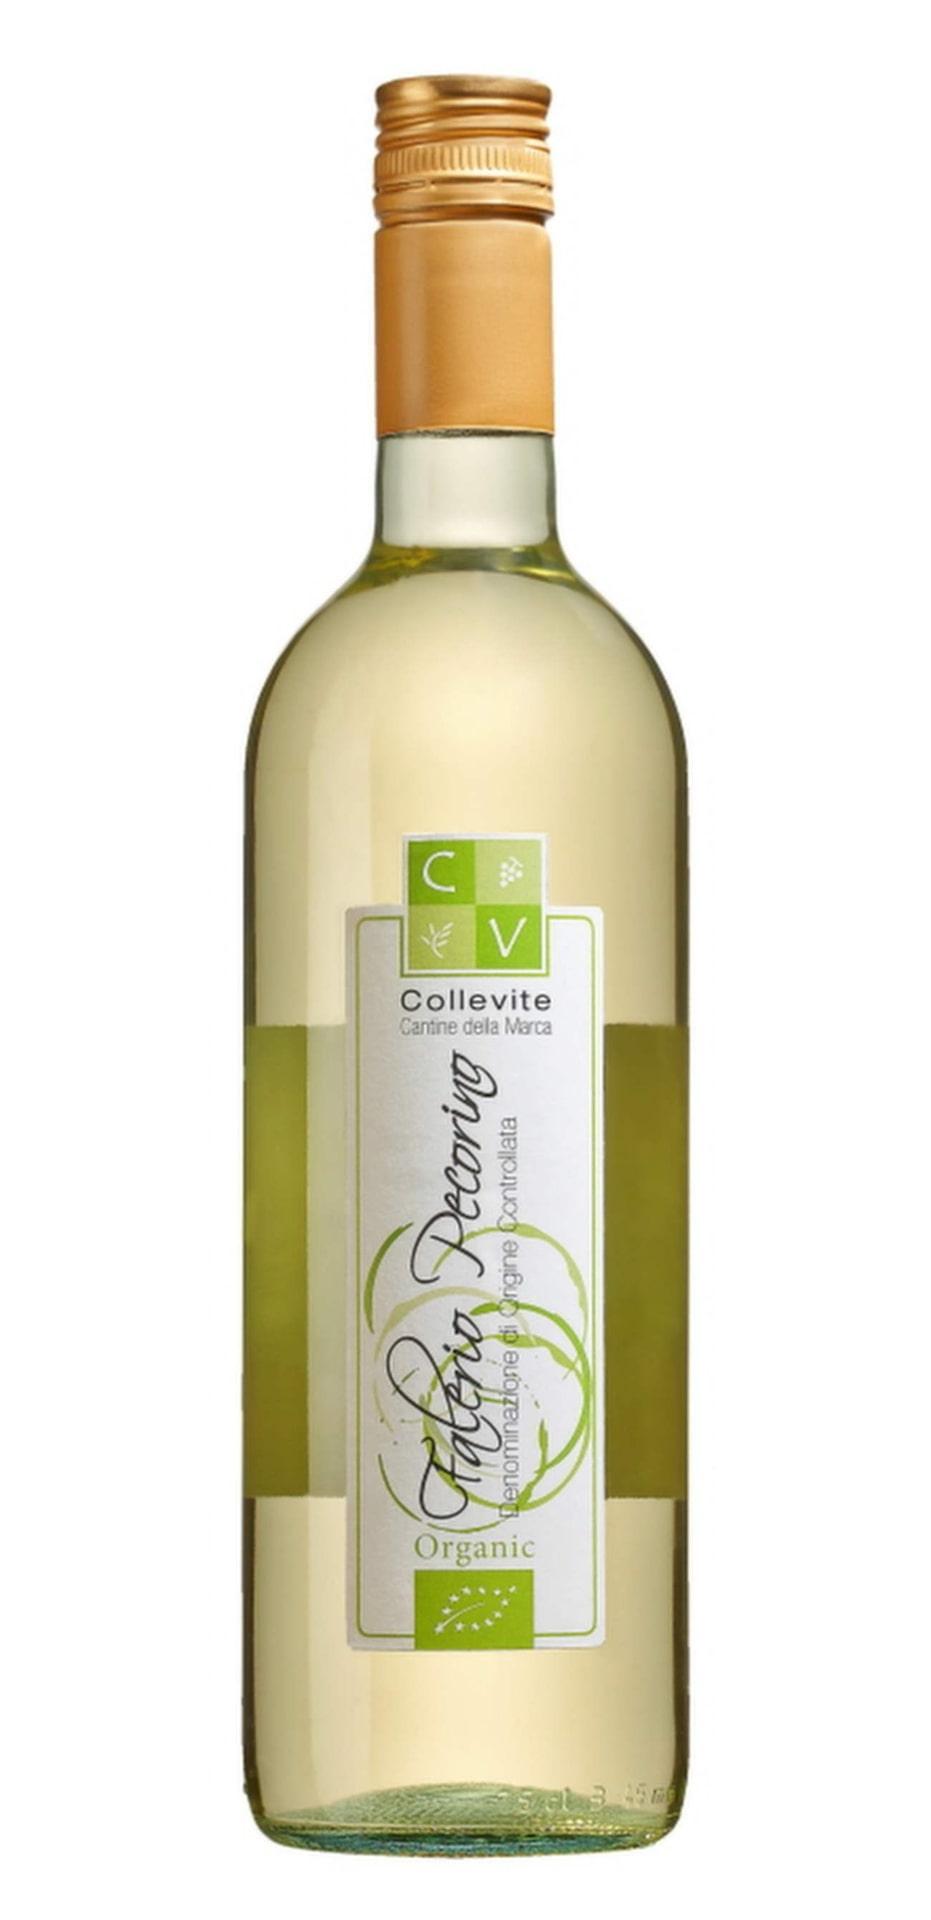 VittCollevite Falerio Pecorino 2013(2391) Marche, 71 krFin intensitet och fräschör med frukt som påminner om gula päron, örter och citrus. Ekologiskt. Drick det gärna till en quattro stagioni.